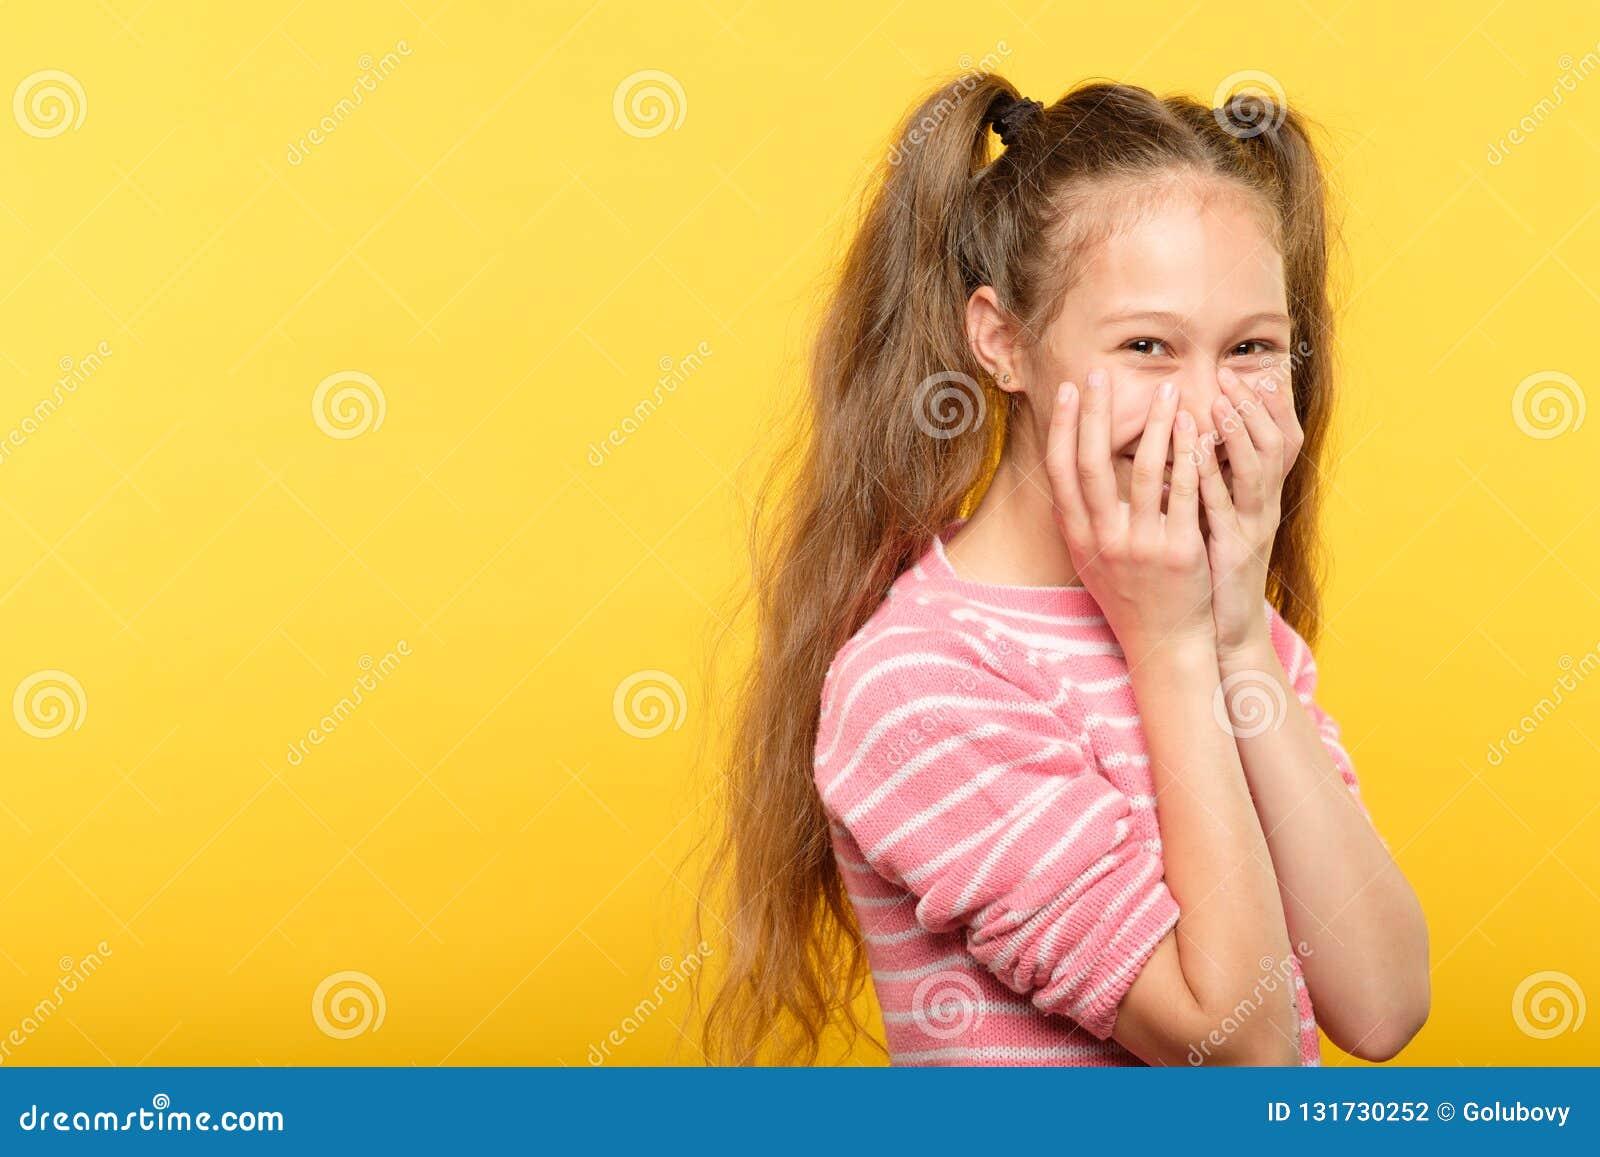 害羞的微笑的窘迫女孩覆盖物嘴手